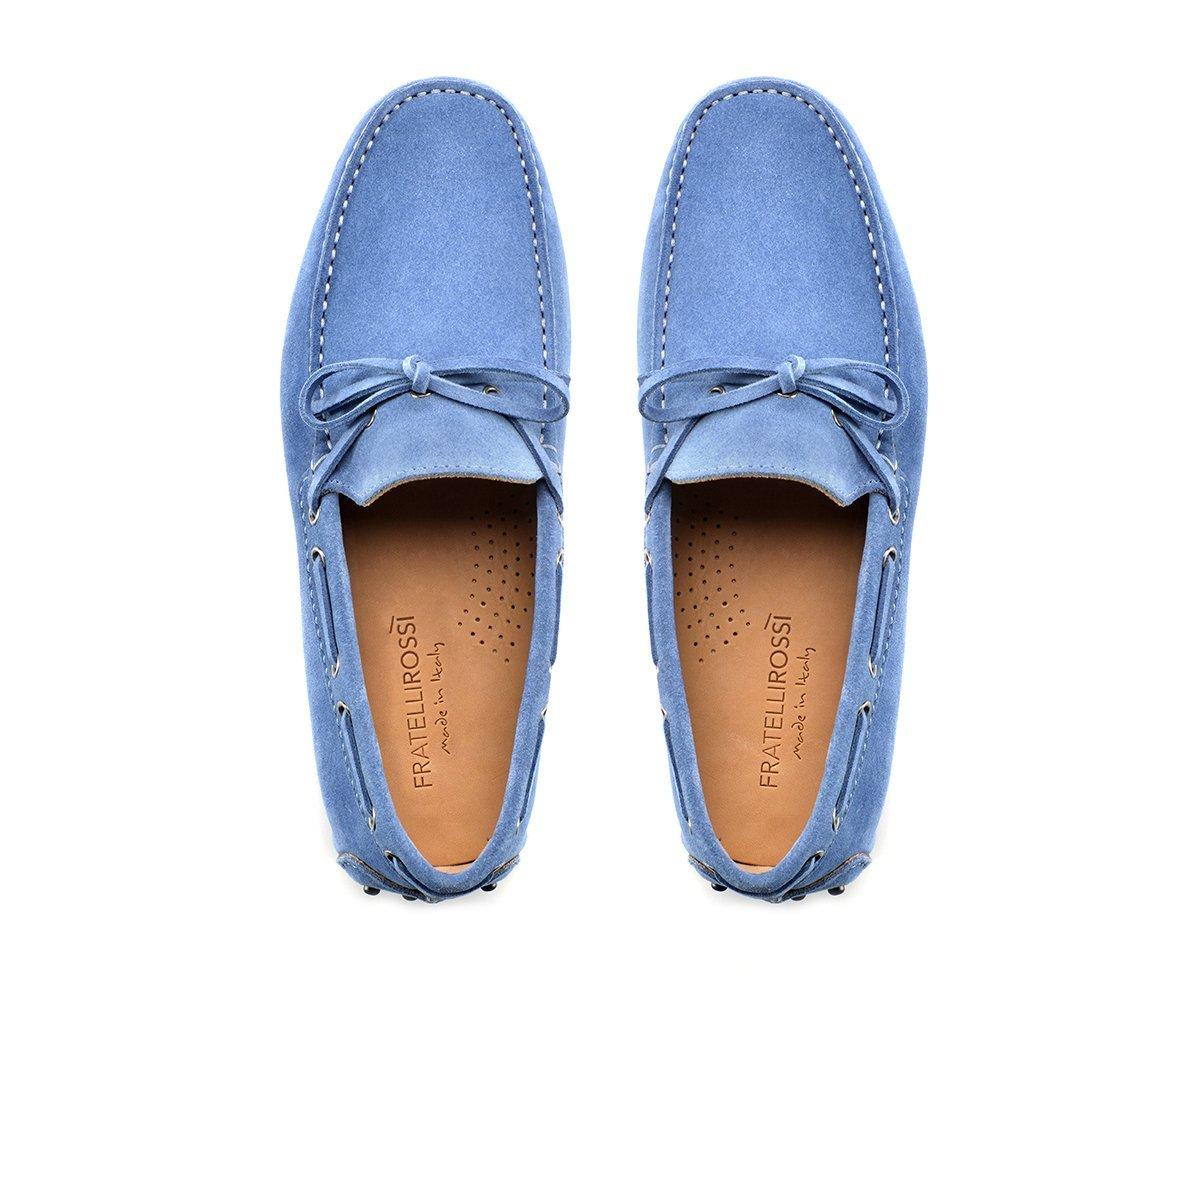 mocassini estivi artigianali leggeri da uomo in camoscio azzurro